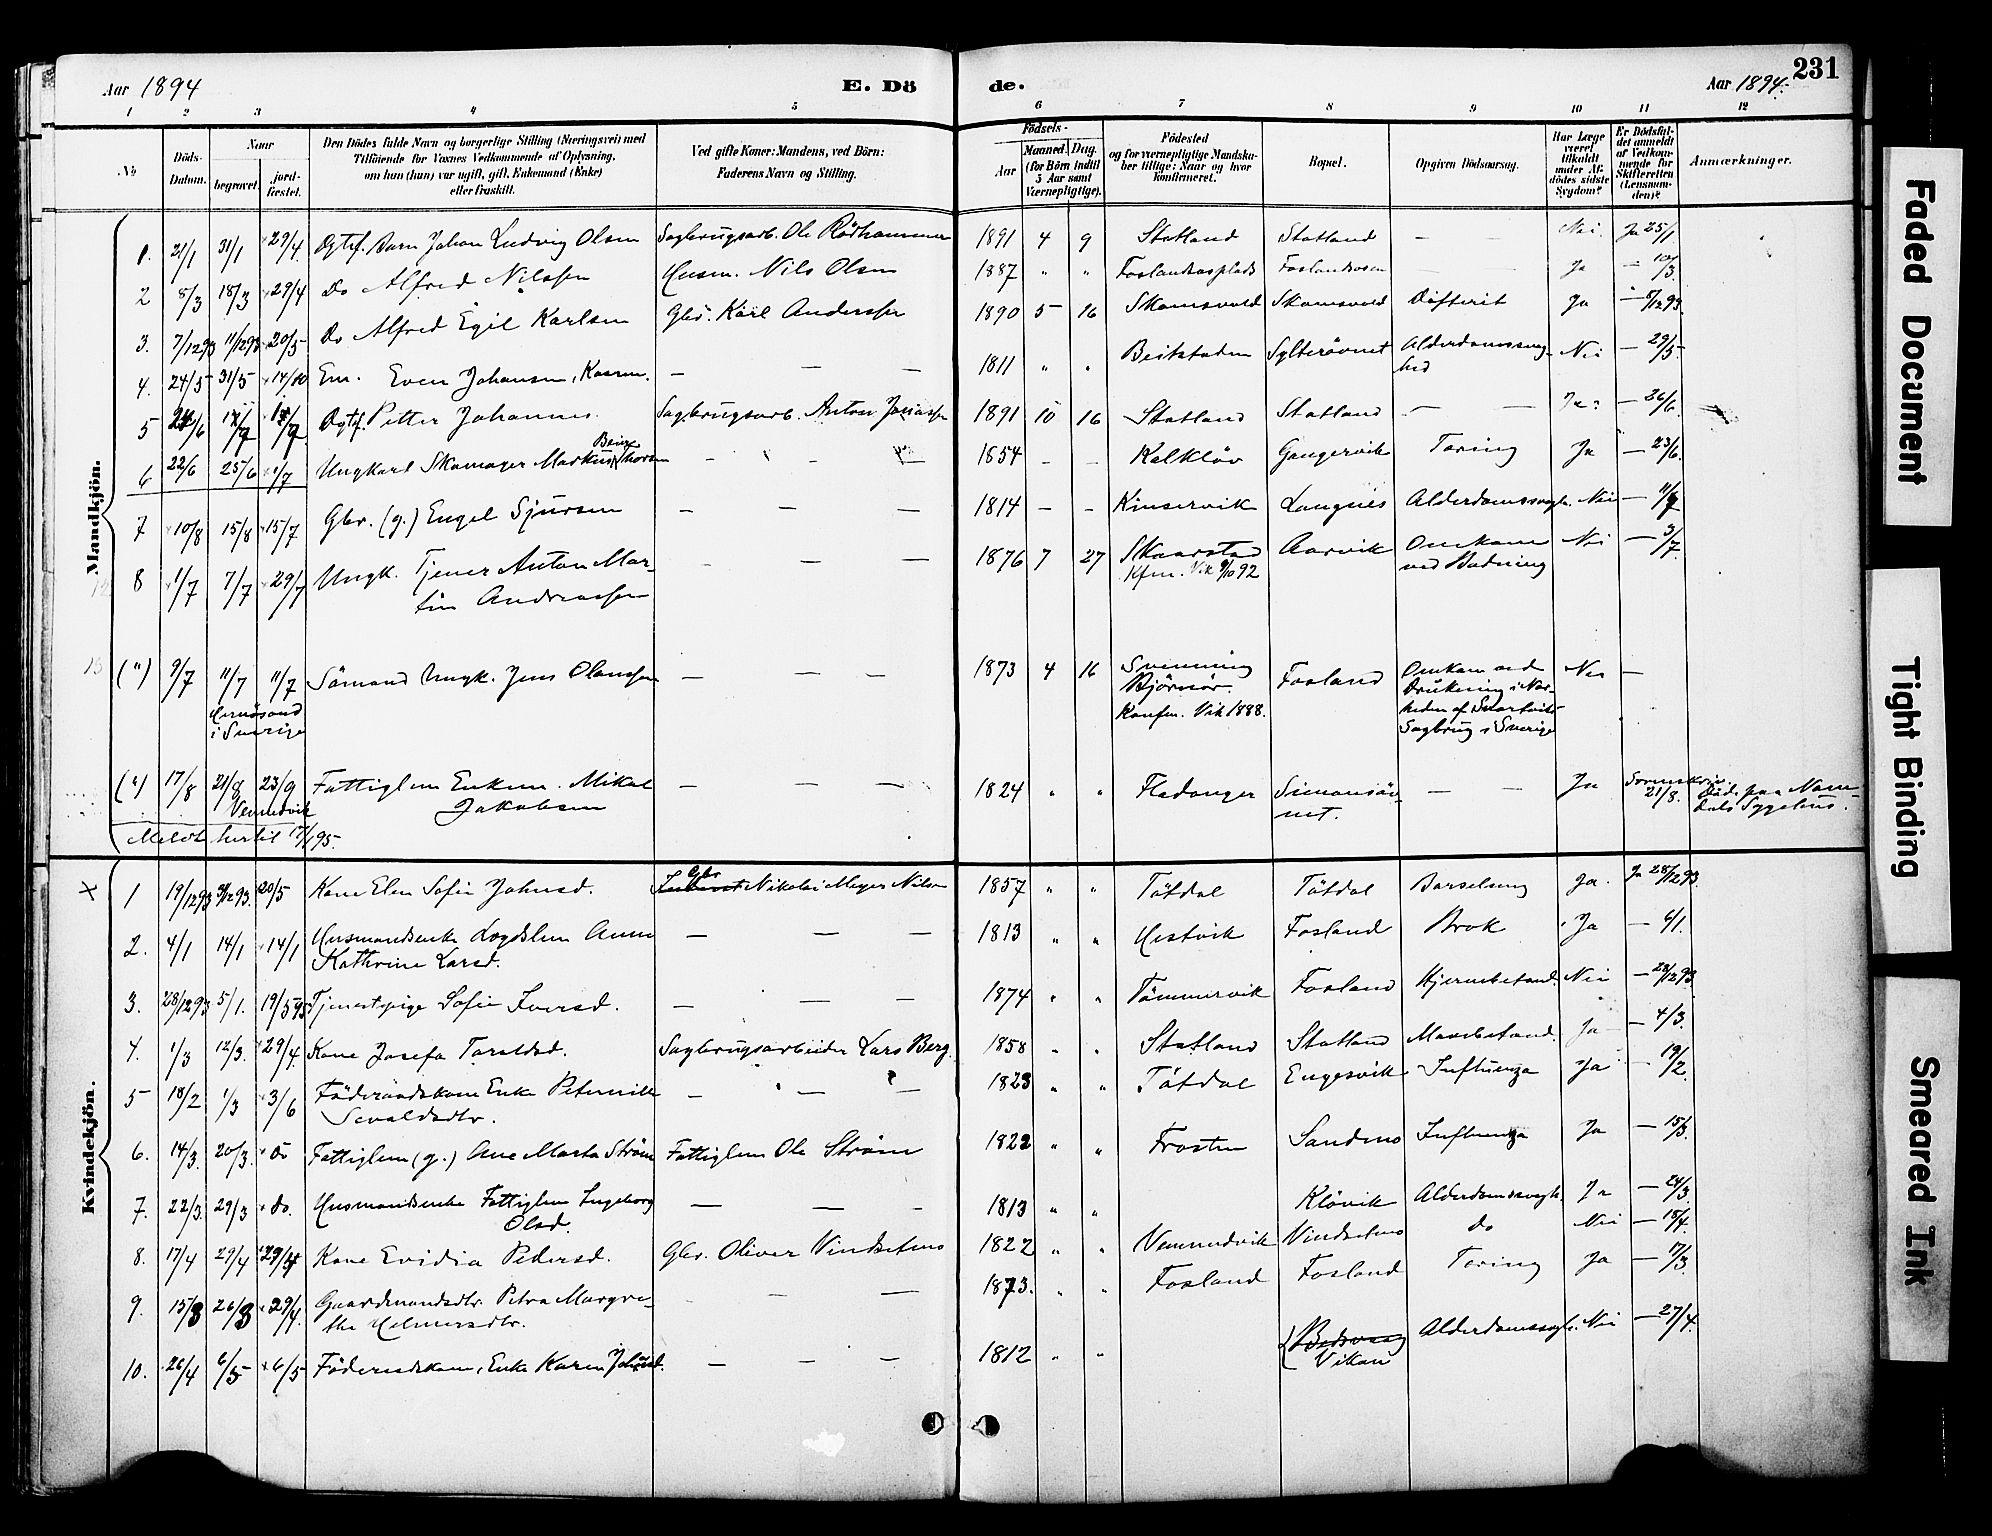 SAT, Ministerialprotokoller, klokkerbøker og fødselsregistre - Nord-Trøndelag, 774/L0628: Ministerialbok nr. 774A02, 1887-1903, s. 231